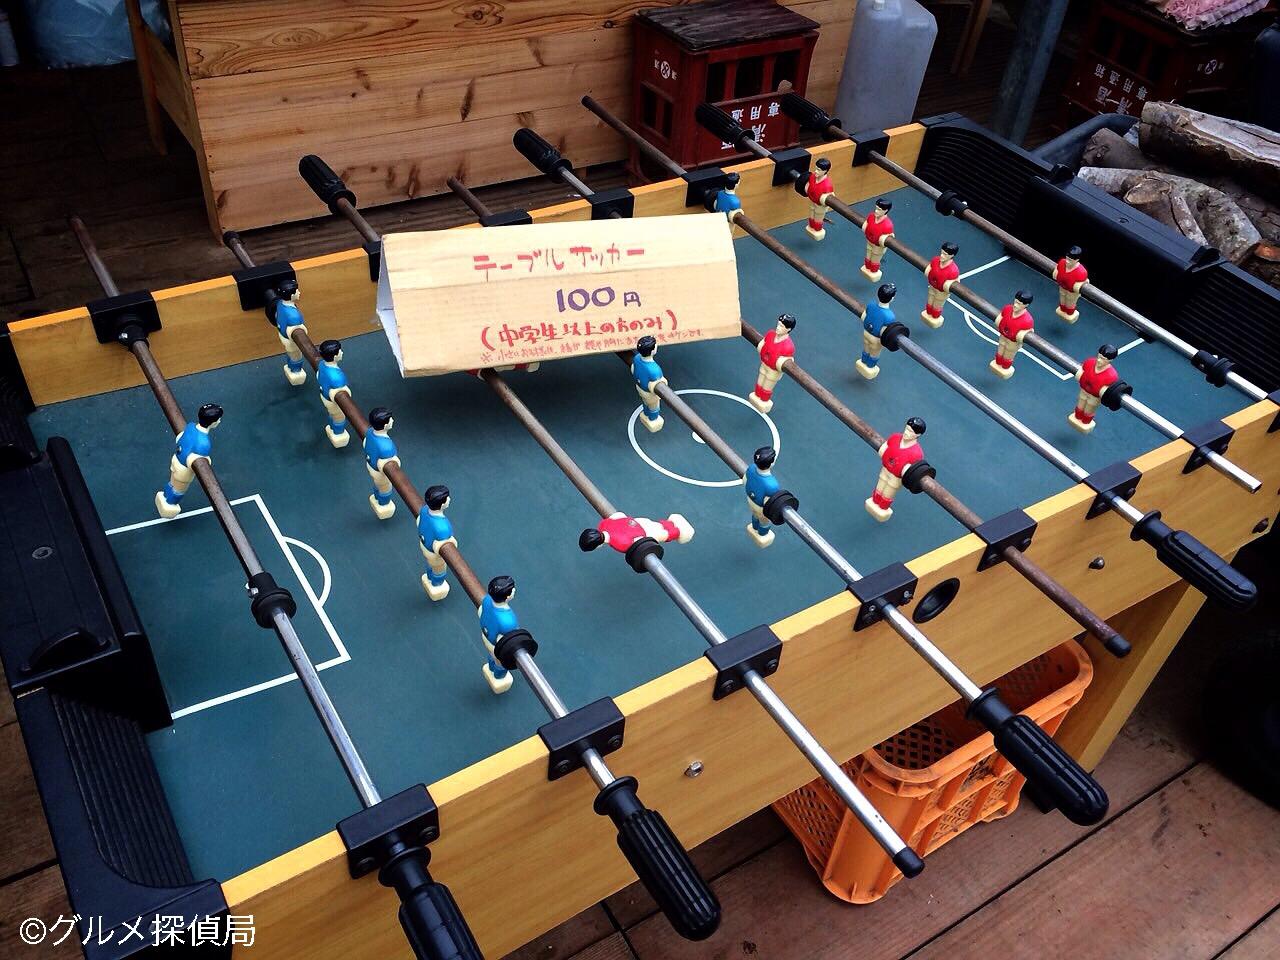 【グルメ探偵局】※画像4 テーブルサッカー